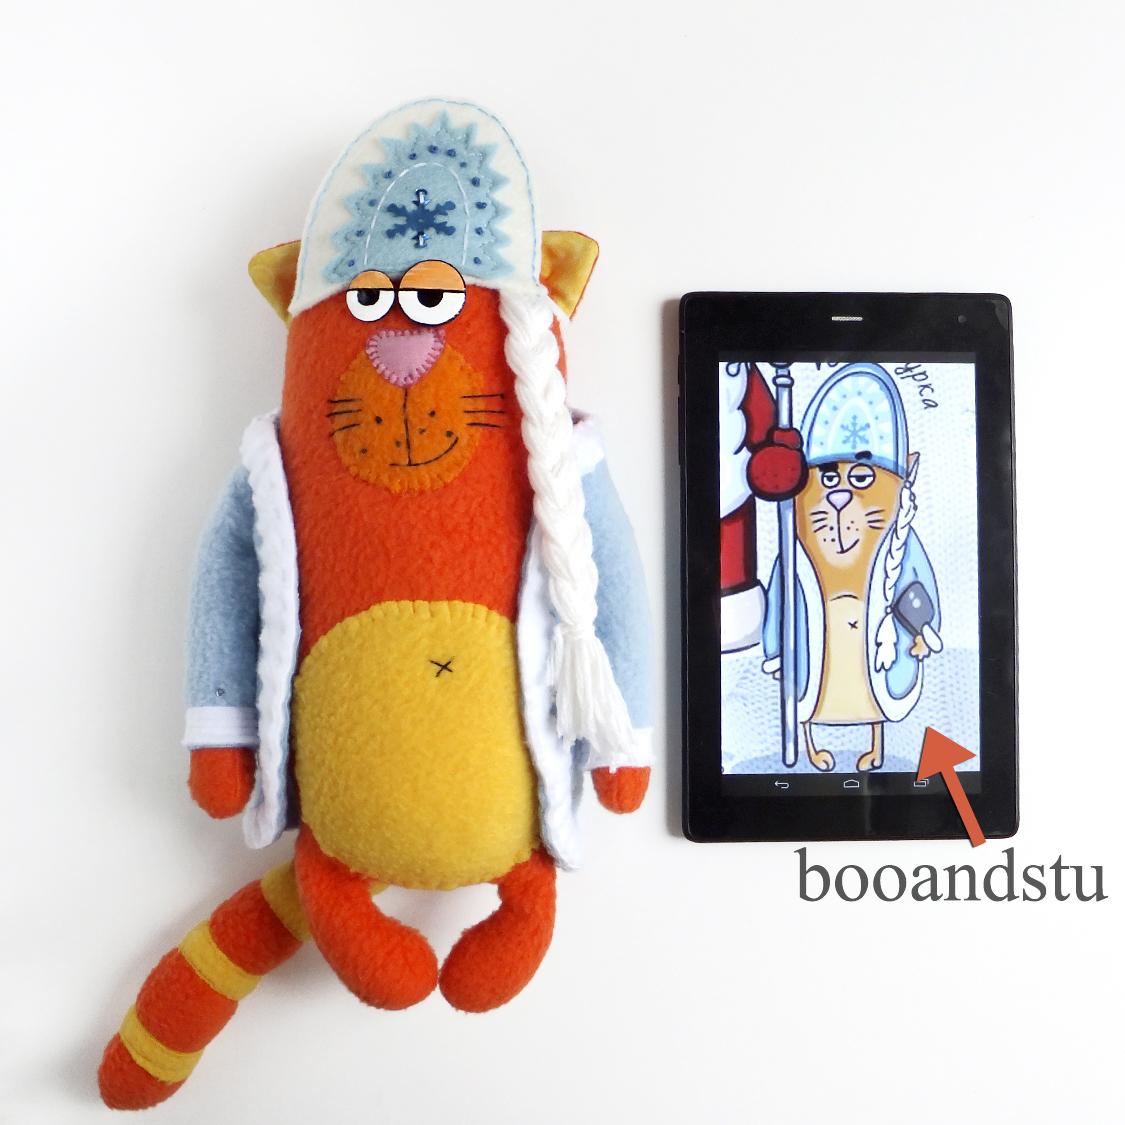 игрушка по иллюстрации booandstu